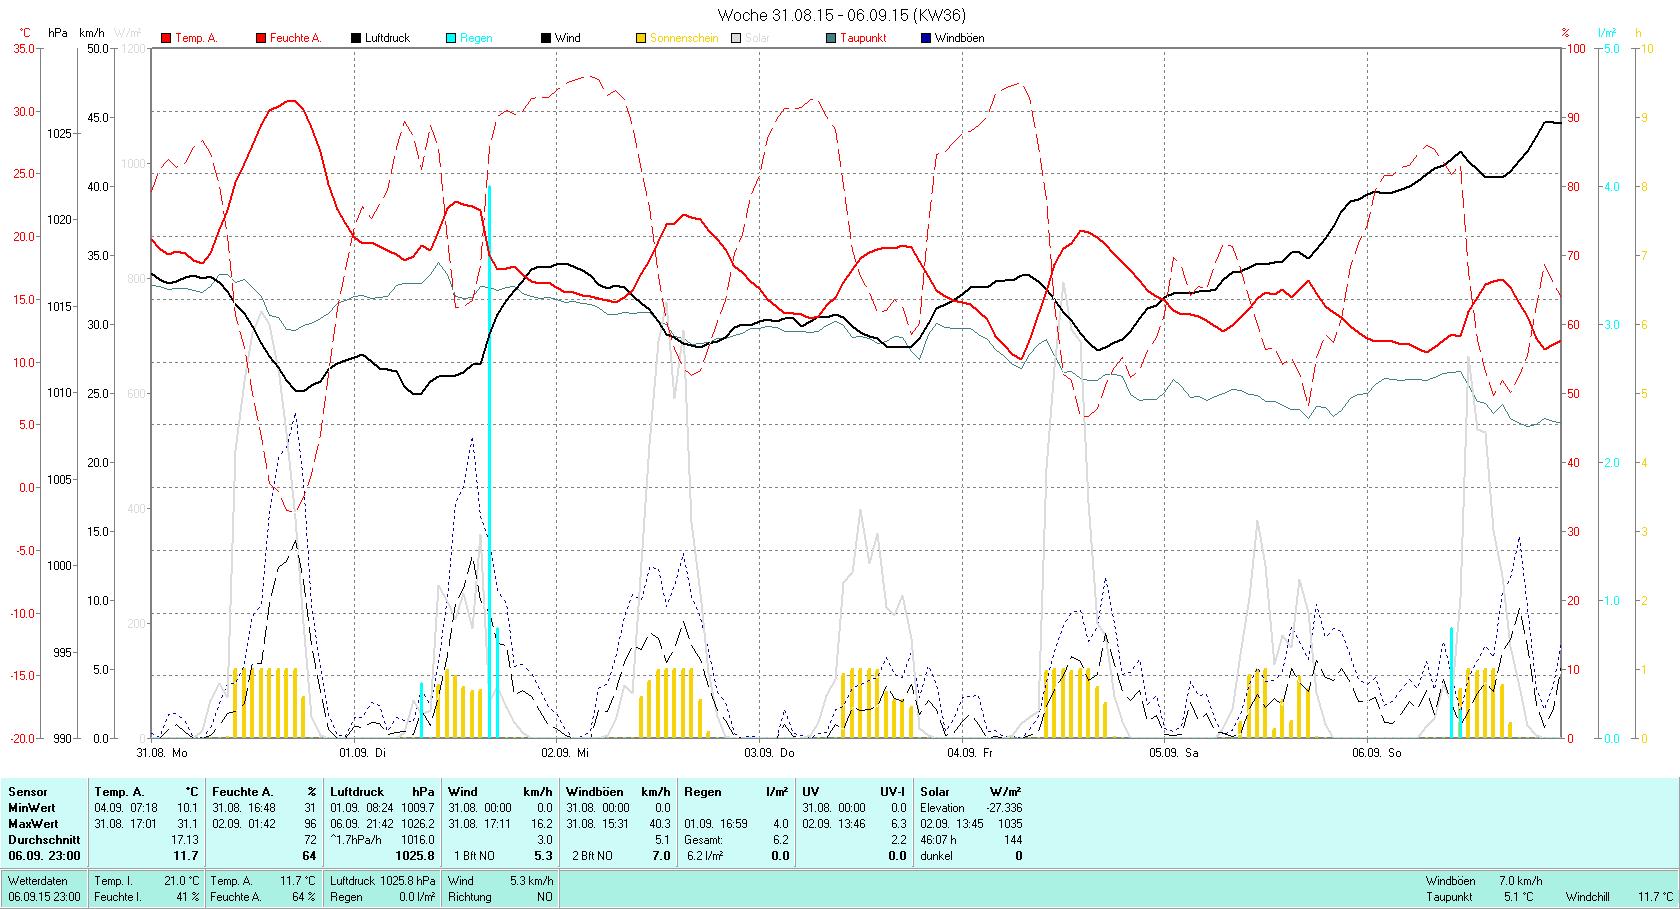 KW 36 Tmin 10.1°C, Tmax 31.1°C, Sonne 46:07h, Niederschlag 6.2mm/2